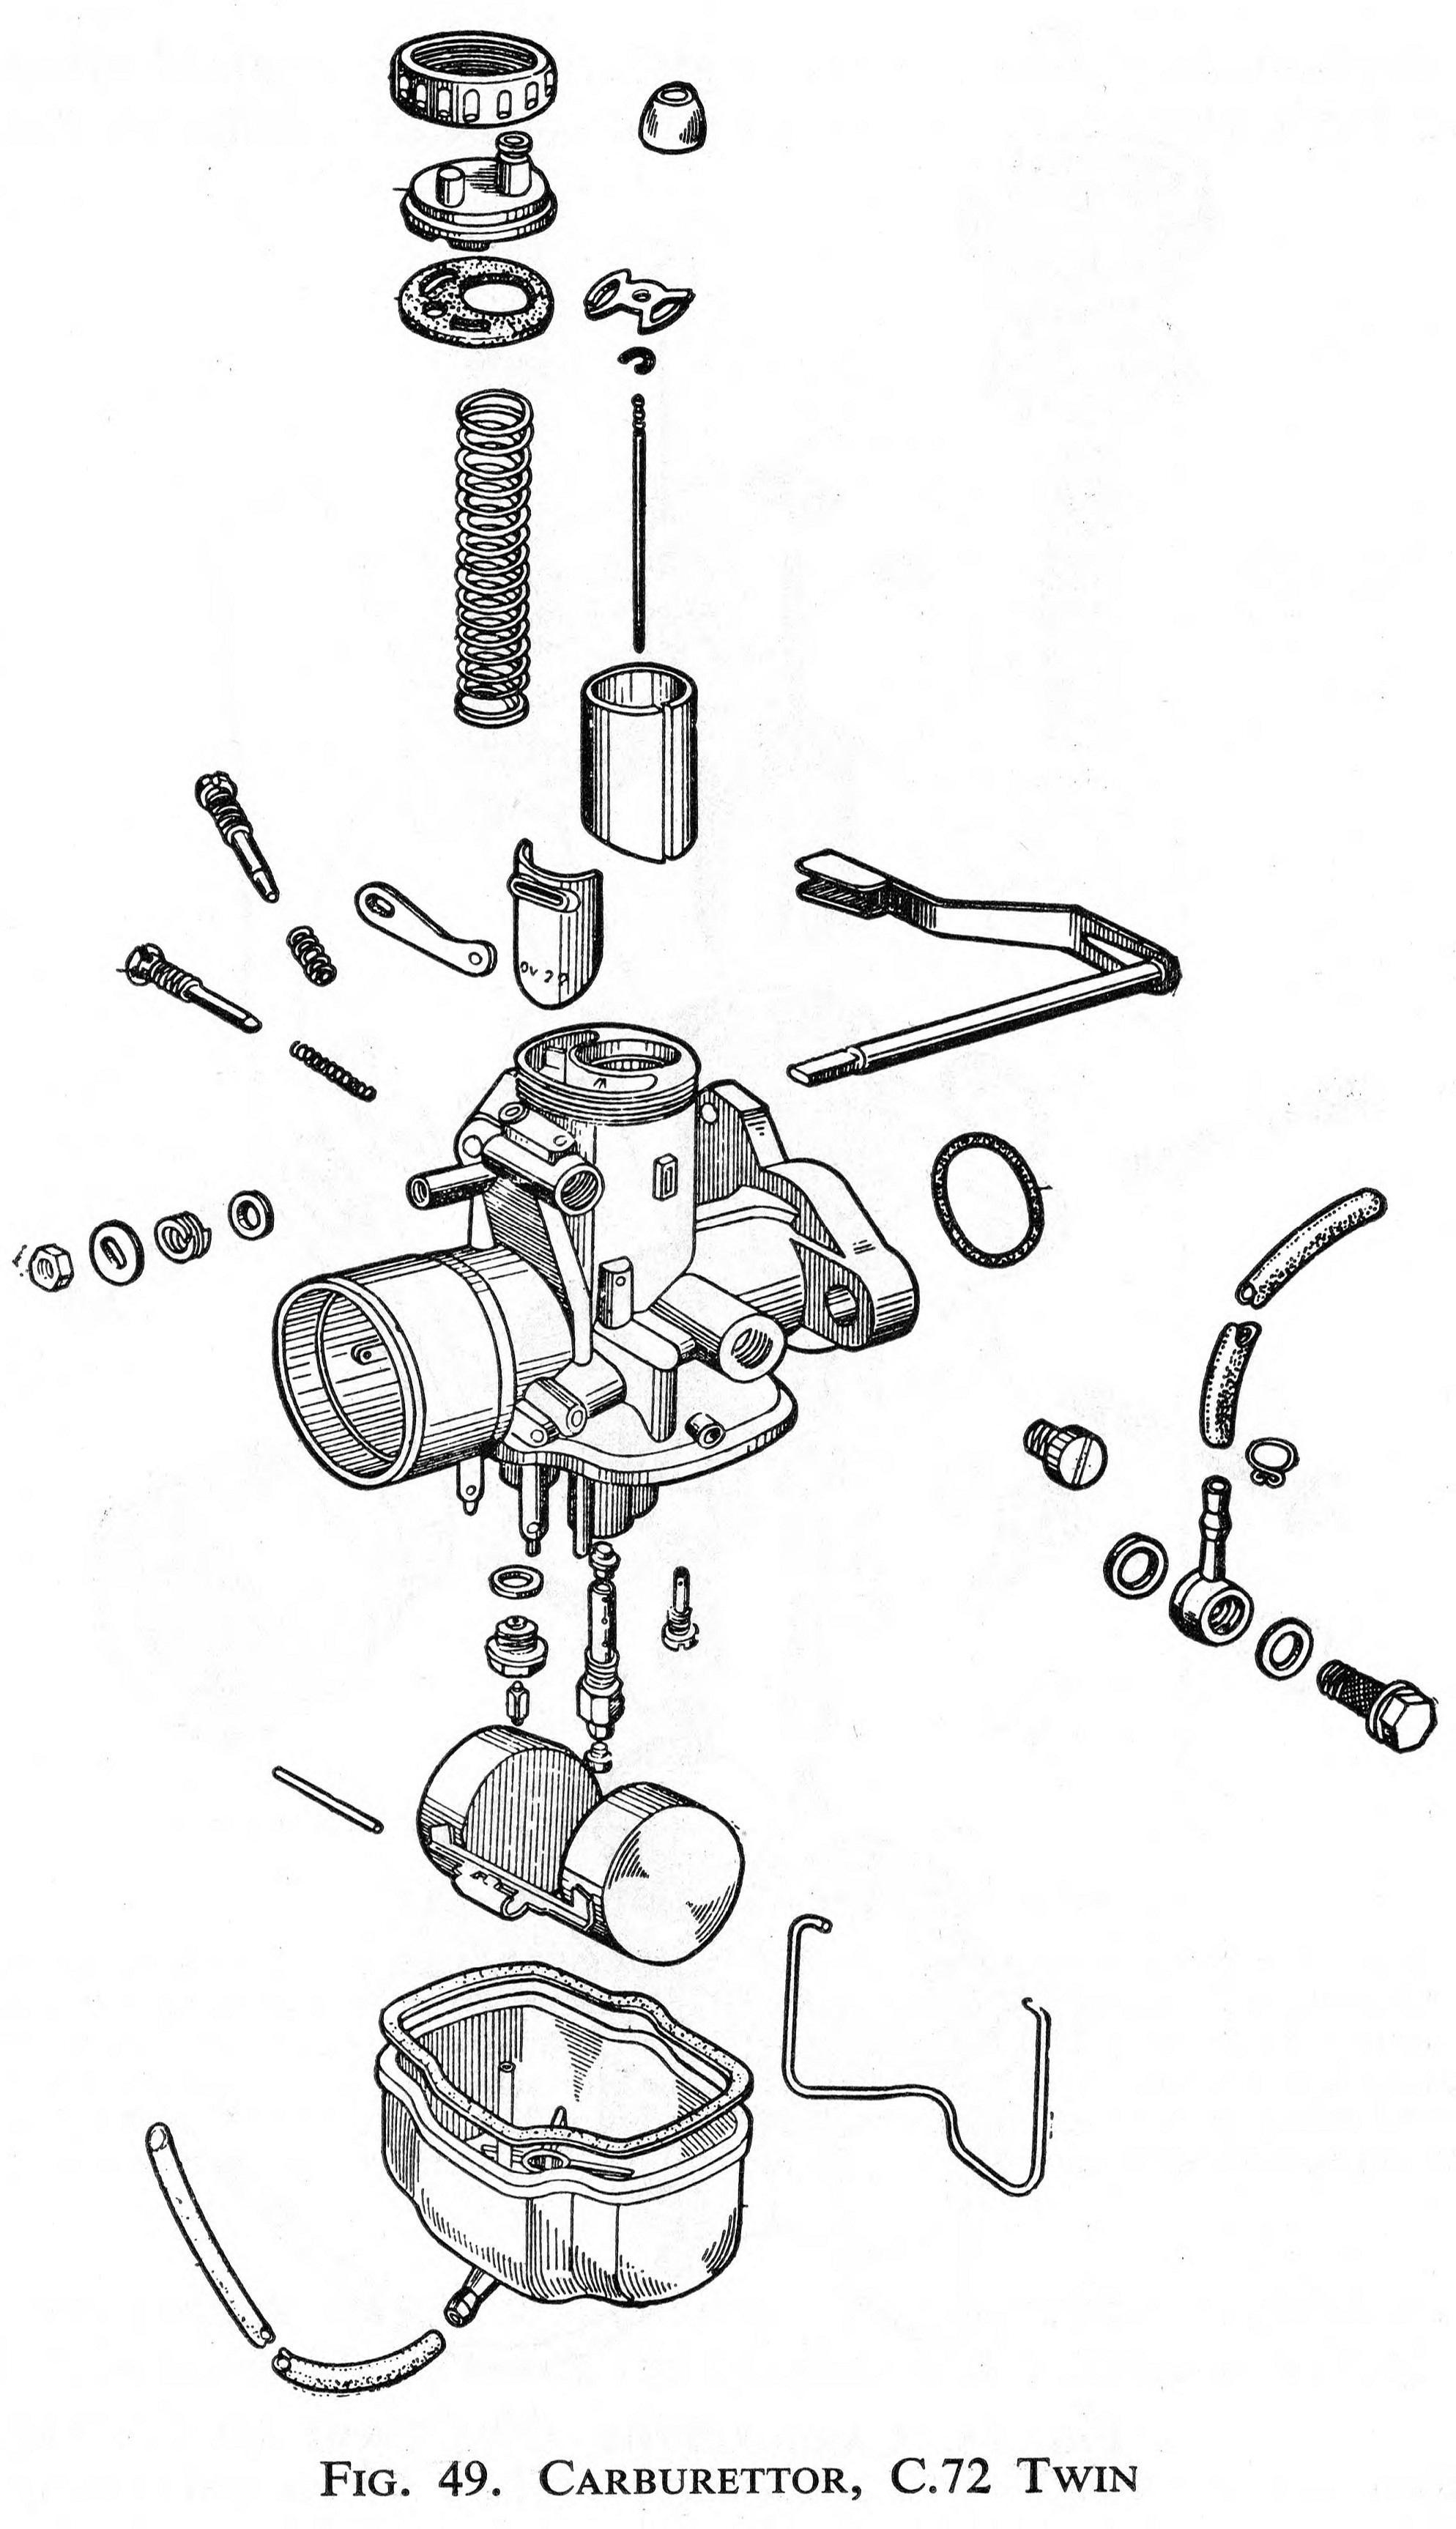 Carburetor for the Honda C72 Twin